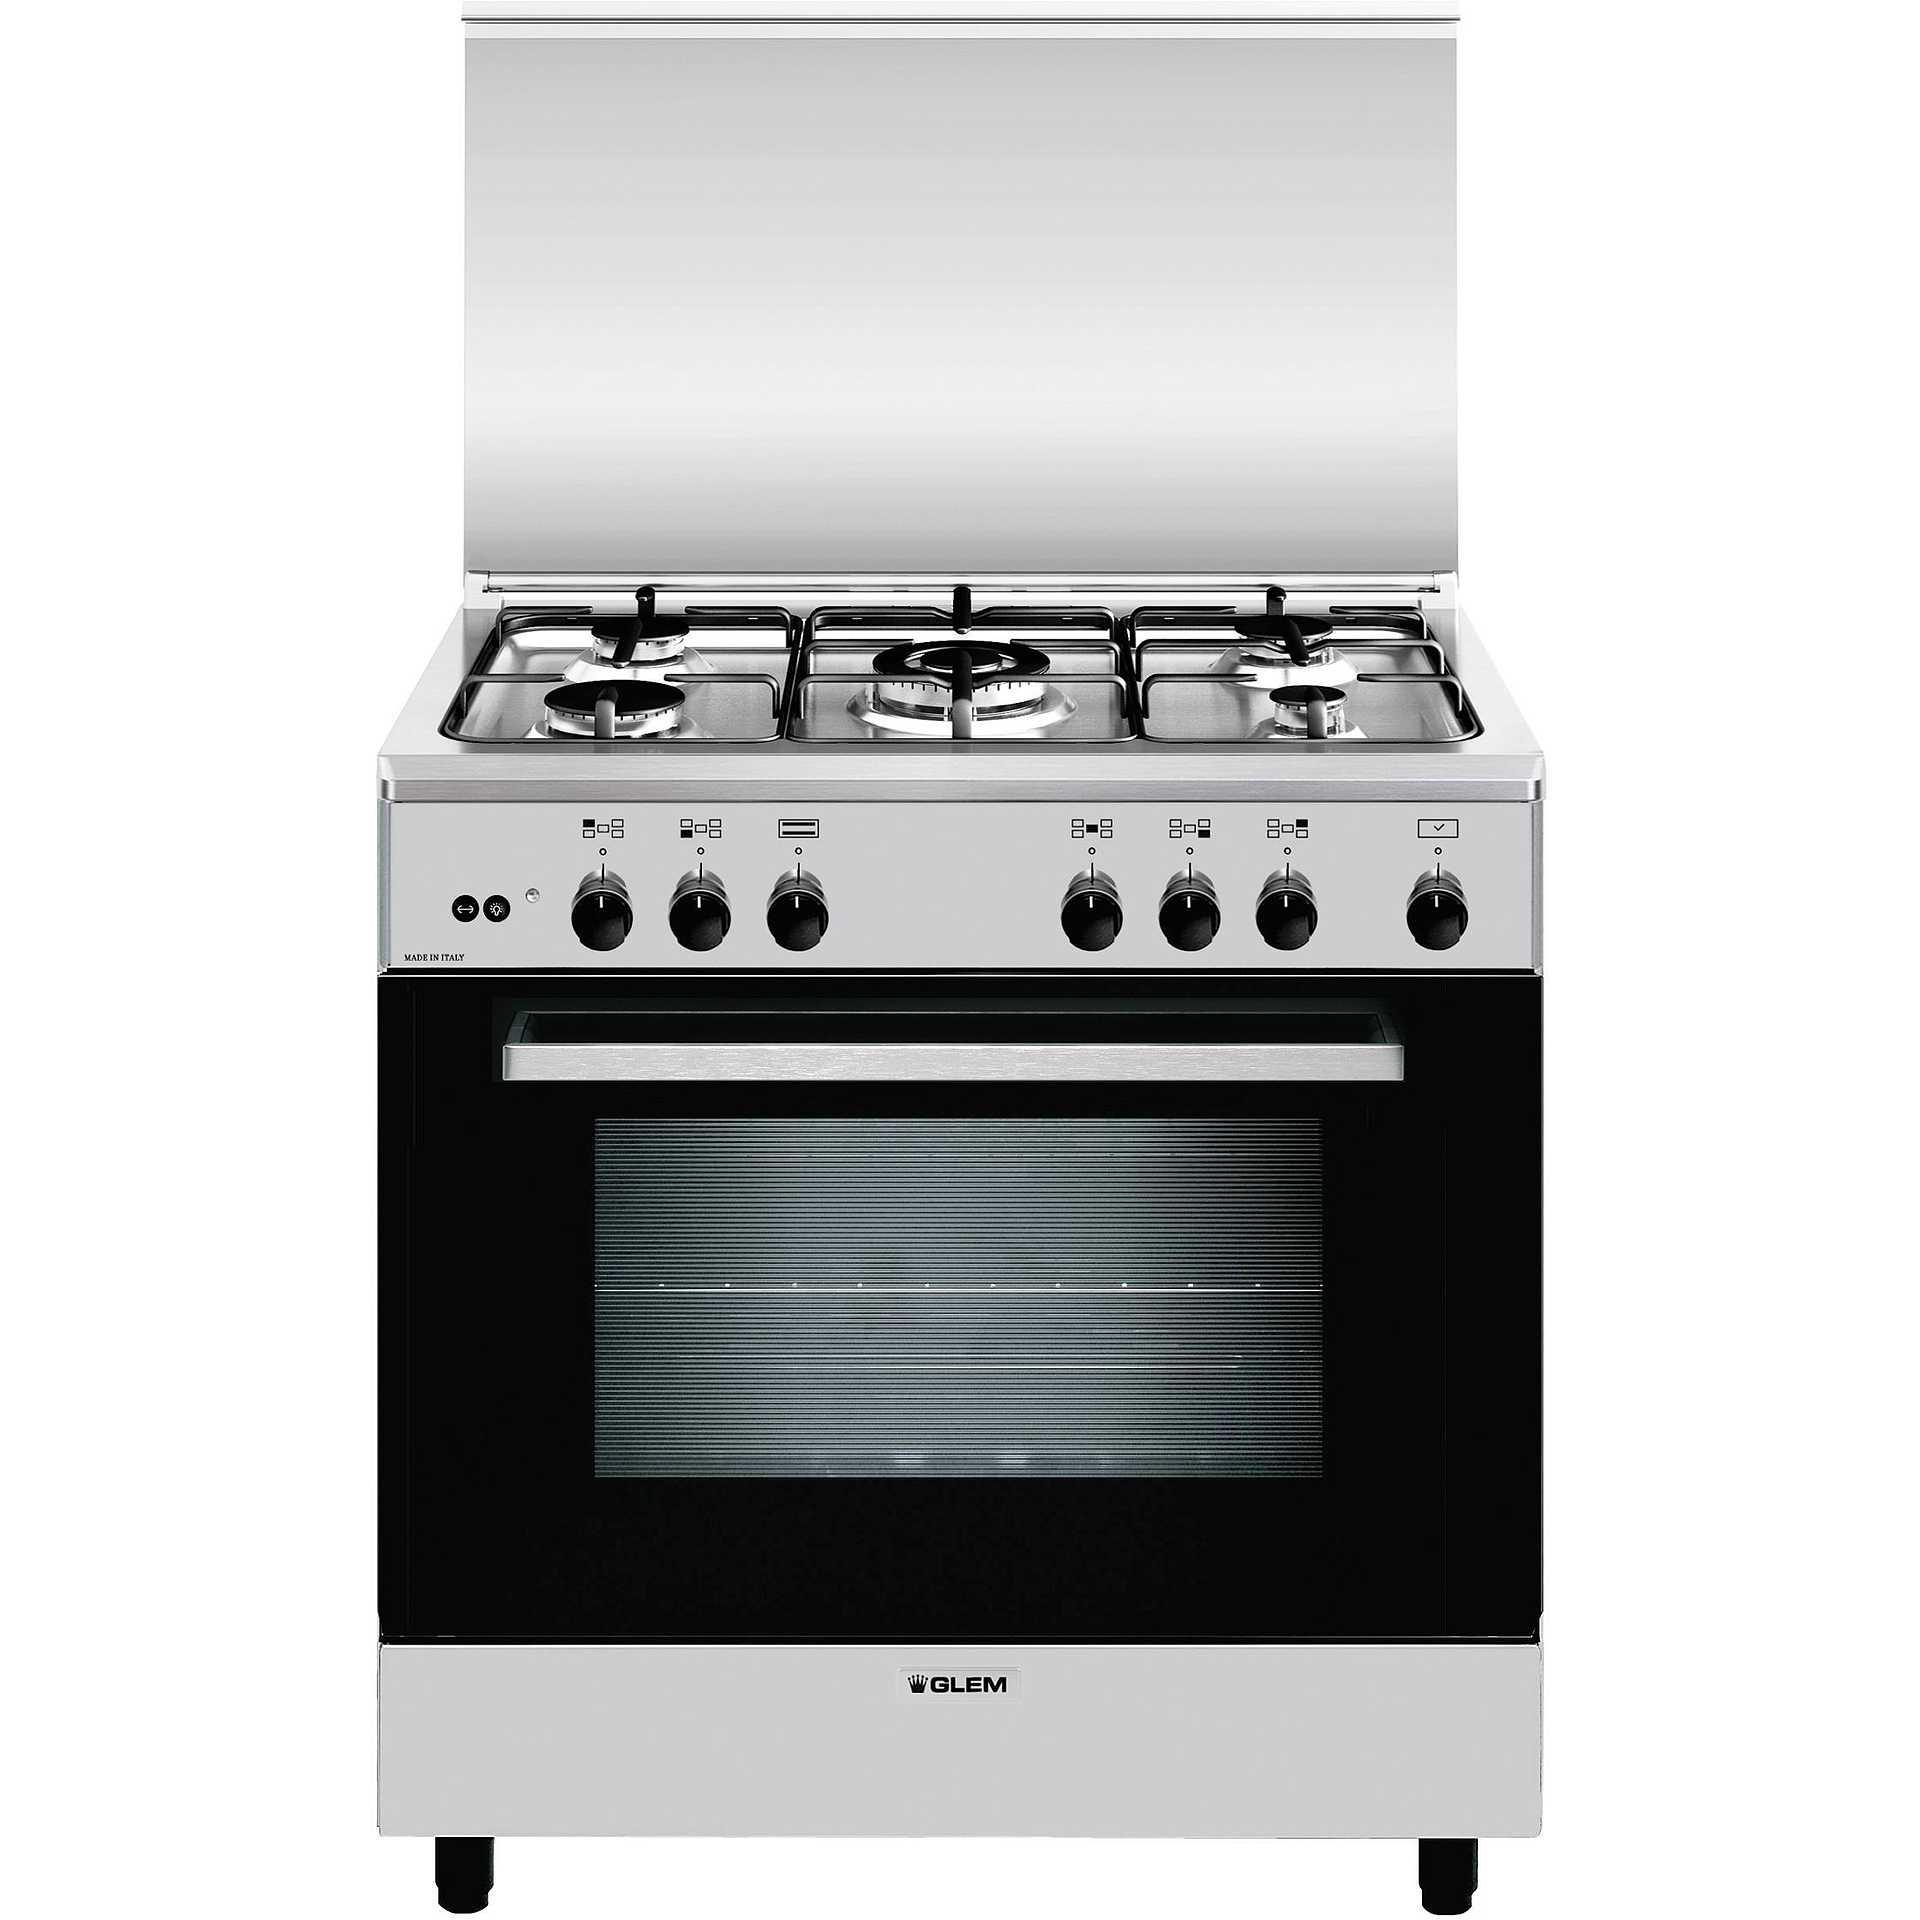 Glem gas a855gi cucina 80x50 5 fuochi a gas forno a gas con grill elettrico 95 litri classe a - Cucina a gas 5 fuochi ...